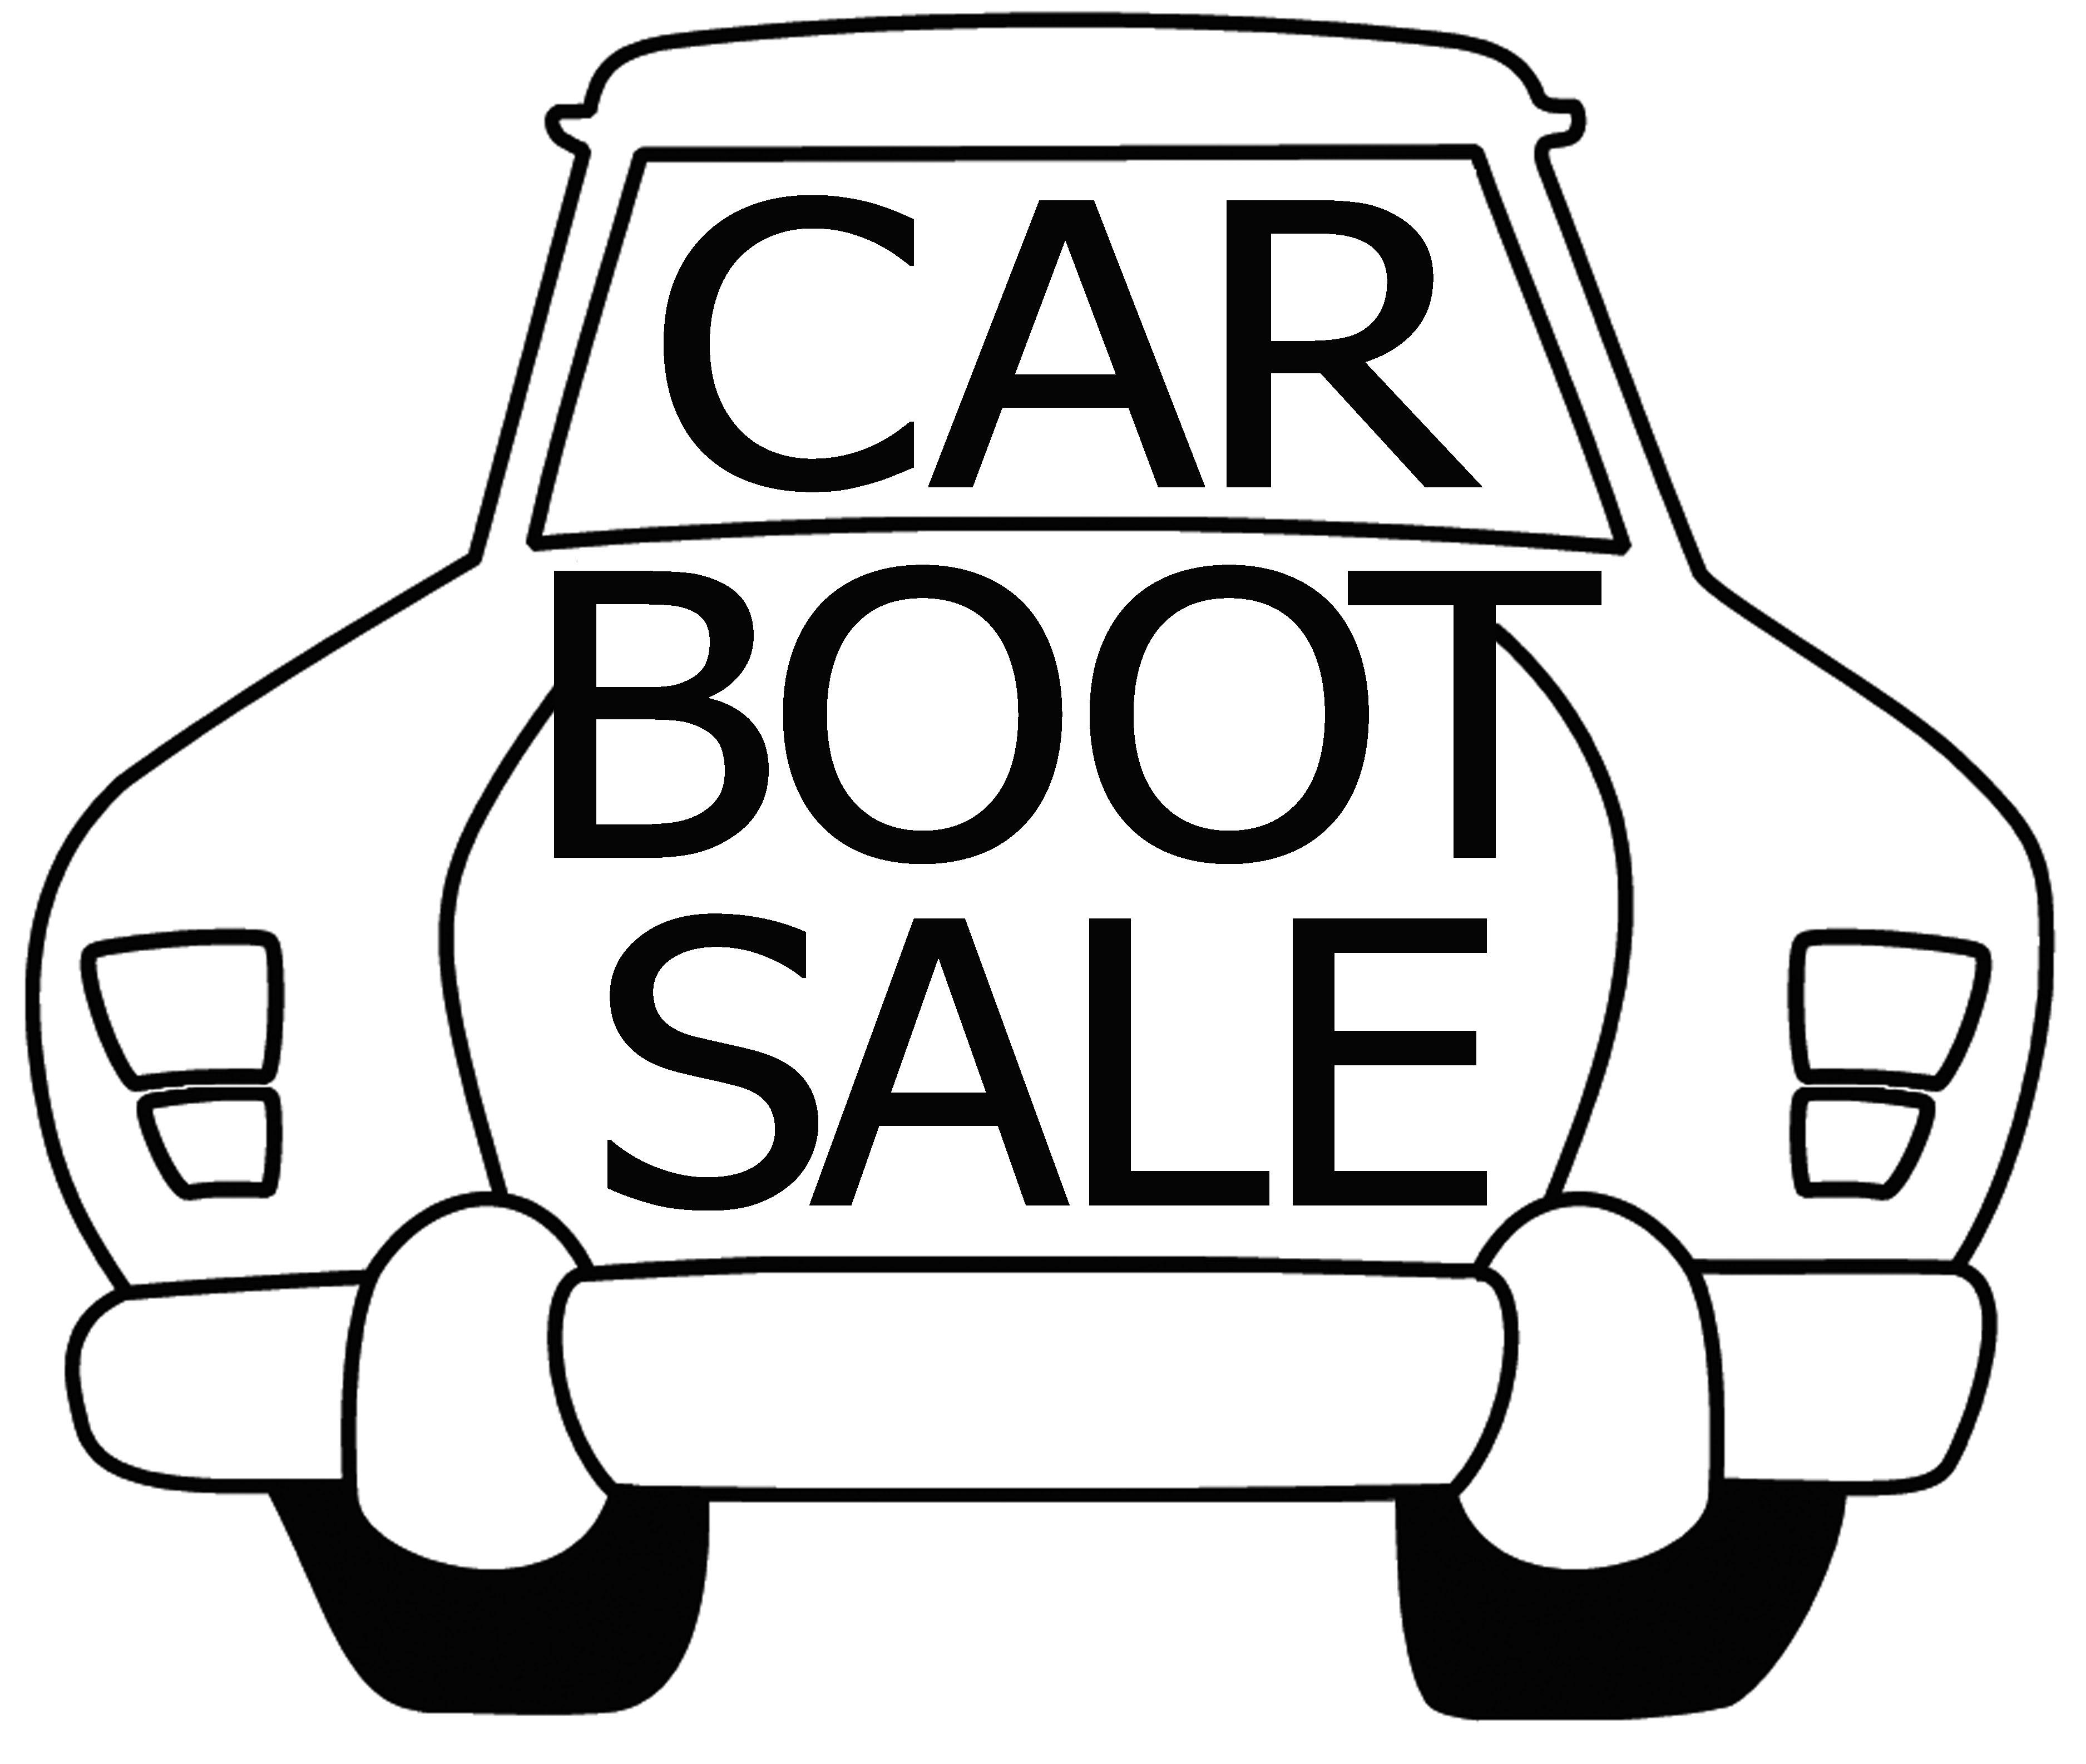 Clip Art Car Sale Ads Clipart.